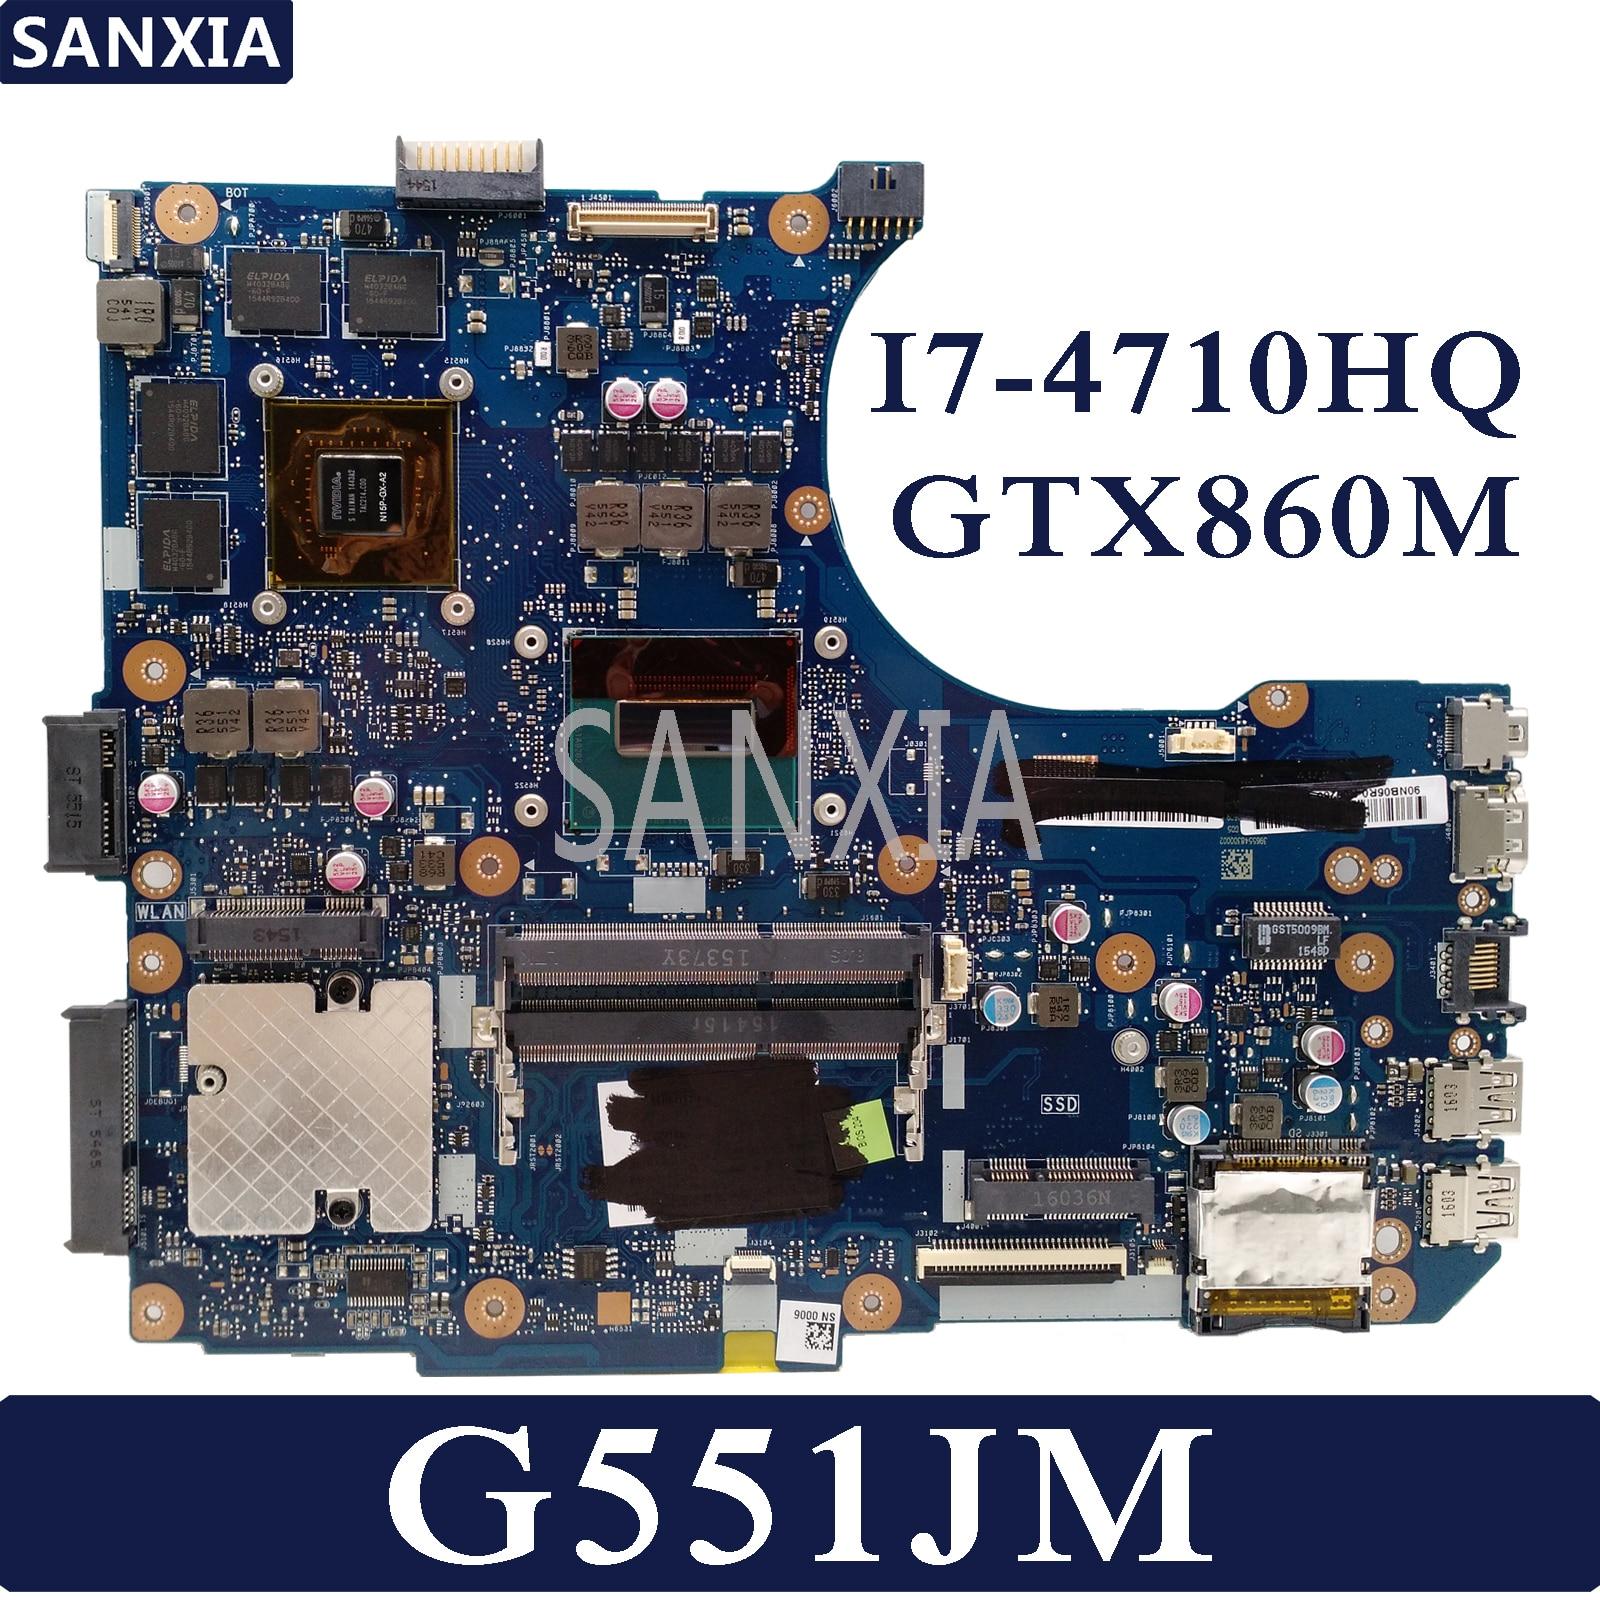 KEFU N551JM Laptop Motherboard For ASUS ROG G551JM G551JW G551JK N551JK N551JW Test Original Mainboard I7-4710HQ GTX860M